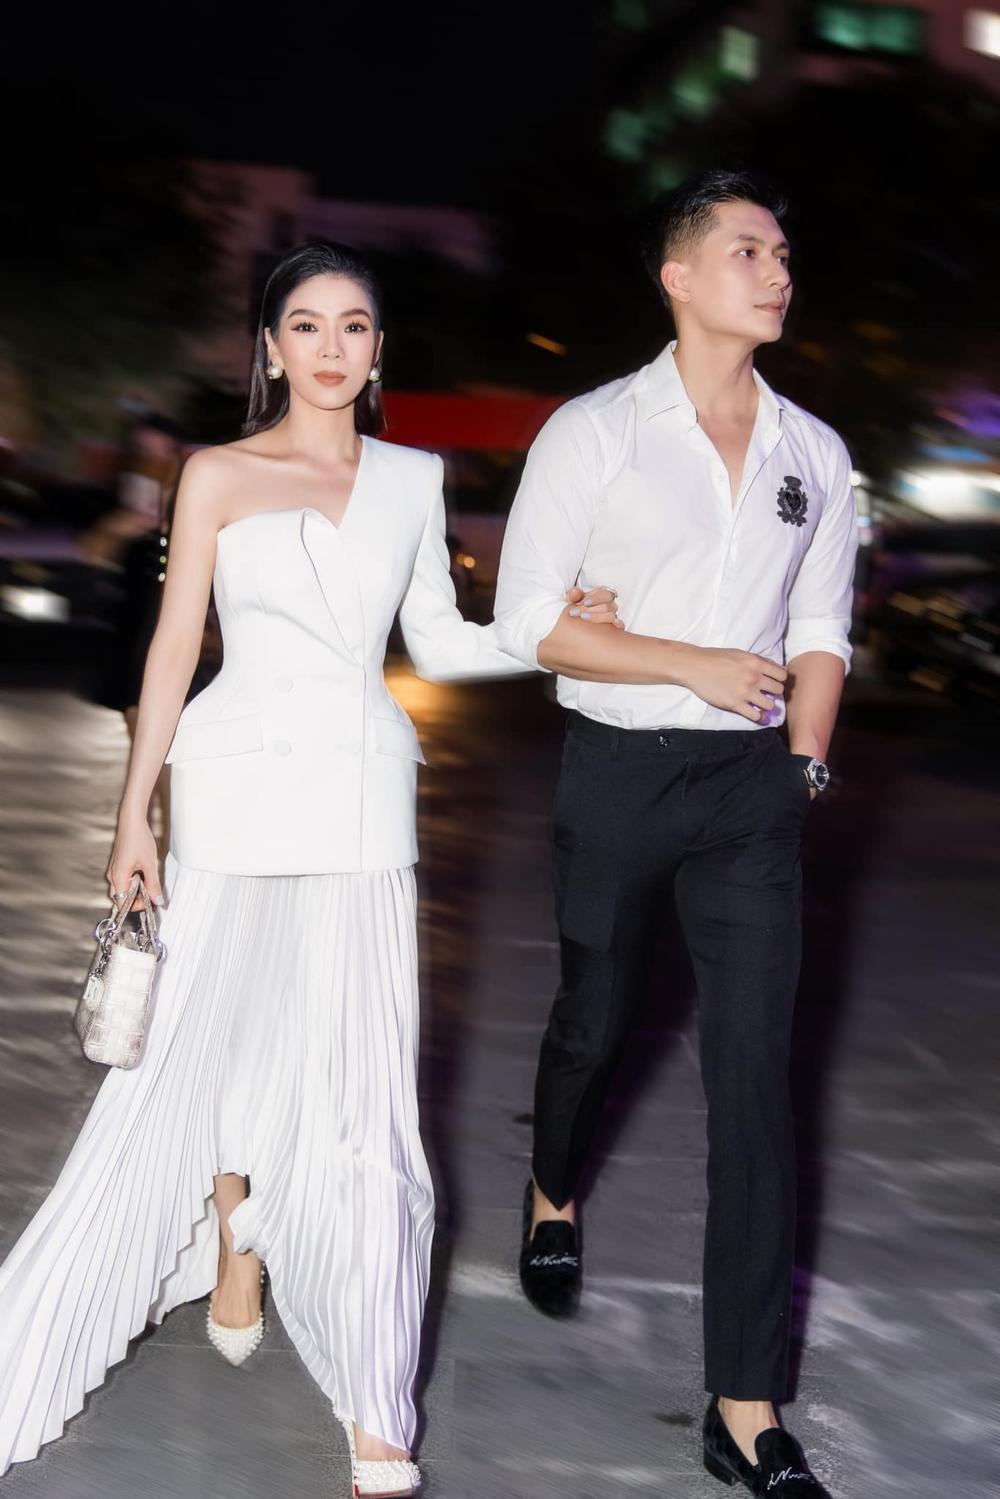 Phản ứng của Lâm Bảo Châu khi nghe Lệ Quyên chia sẻ chuyện lấy chồng Ảnh 6